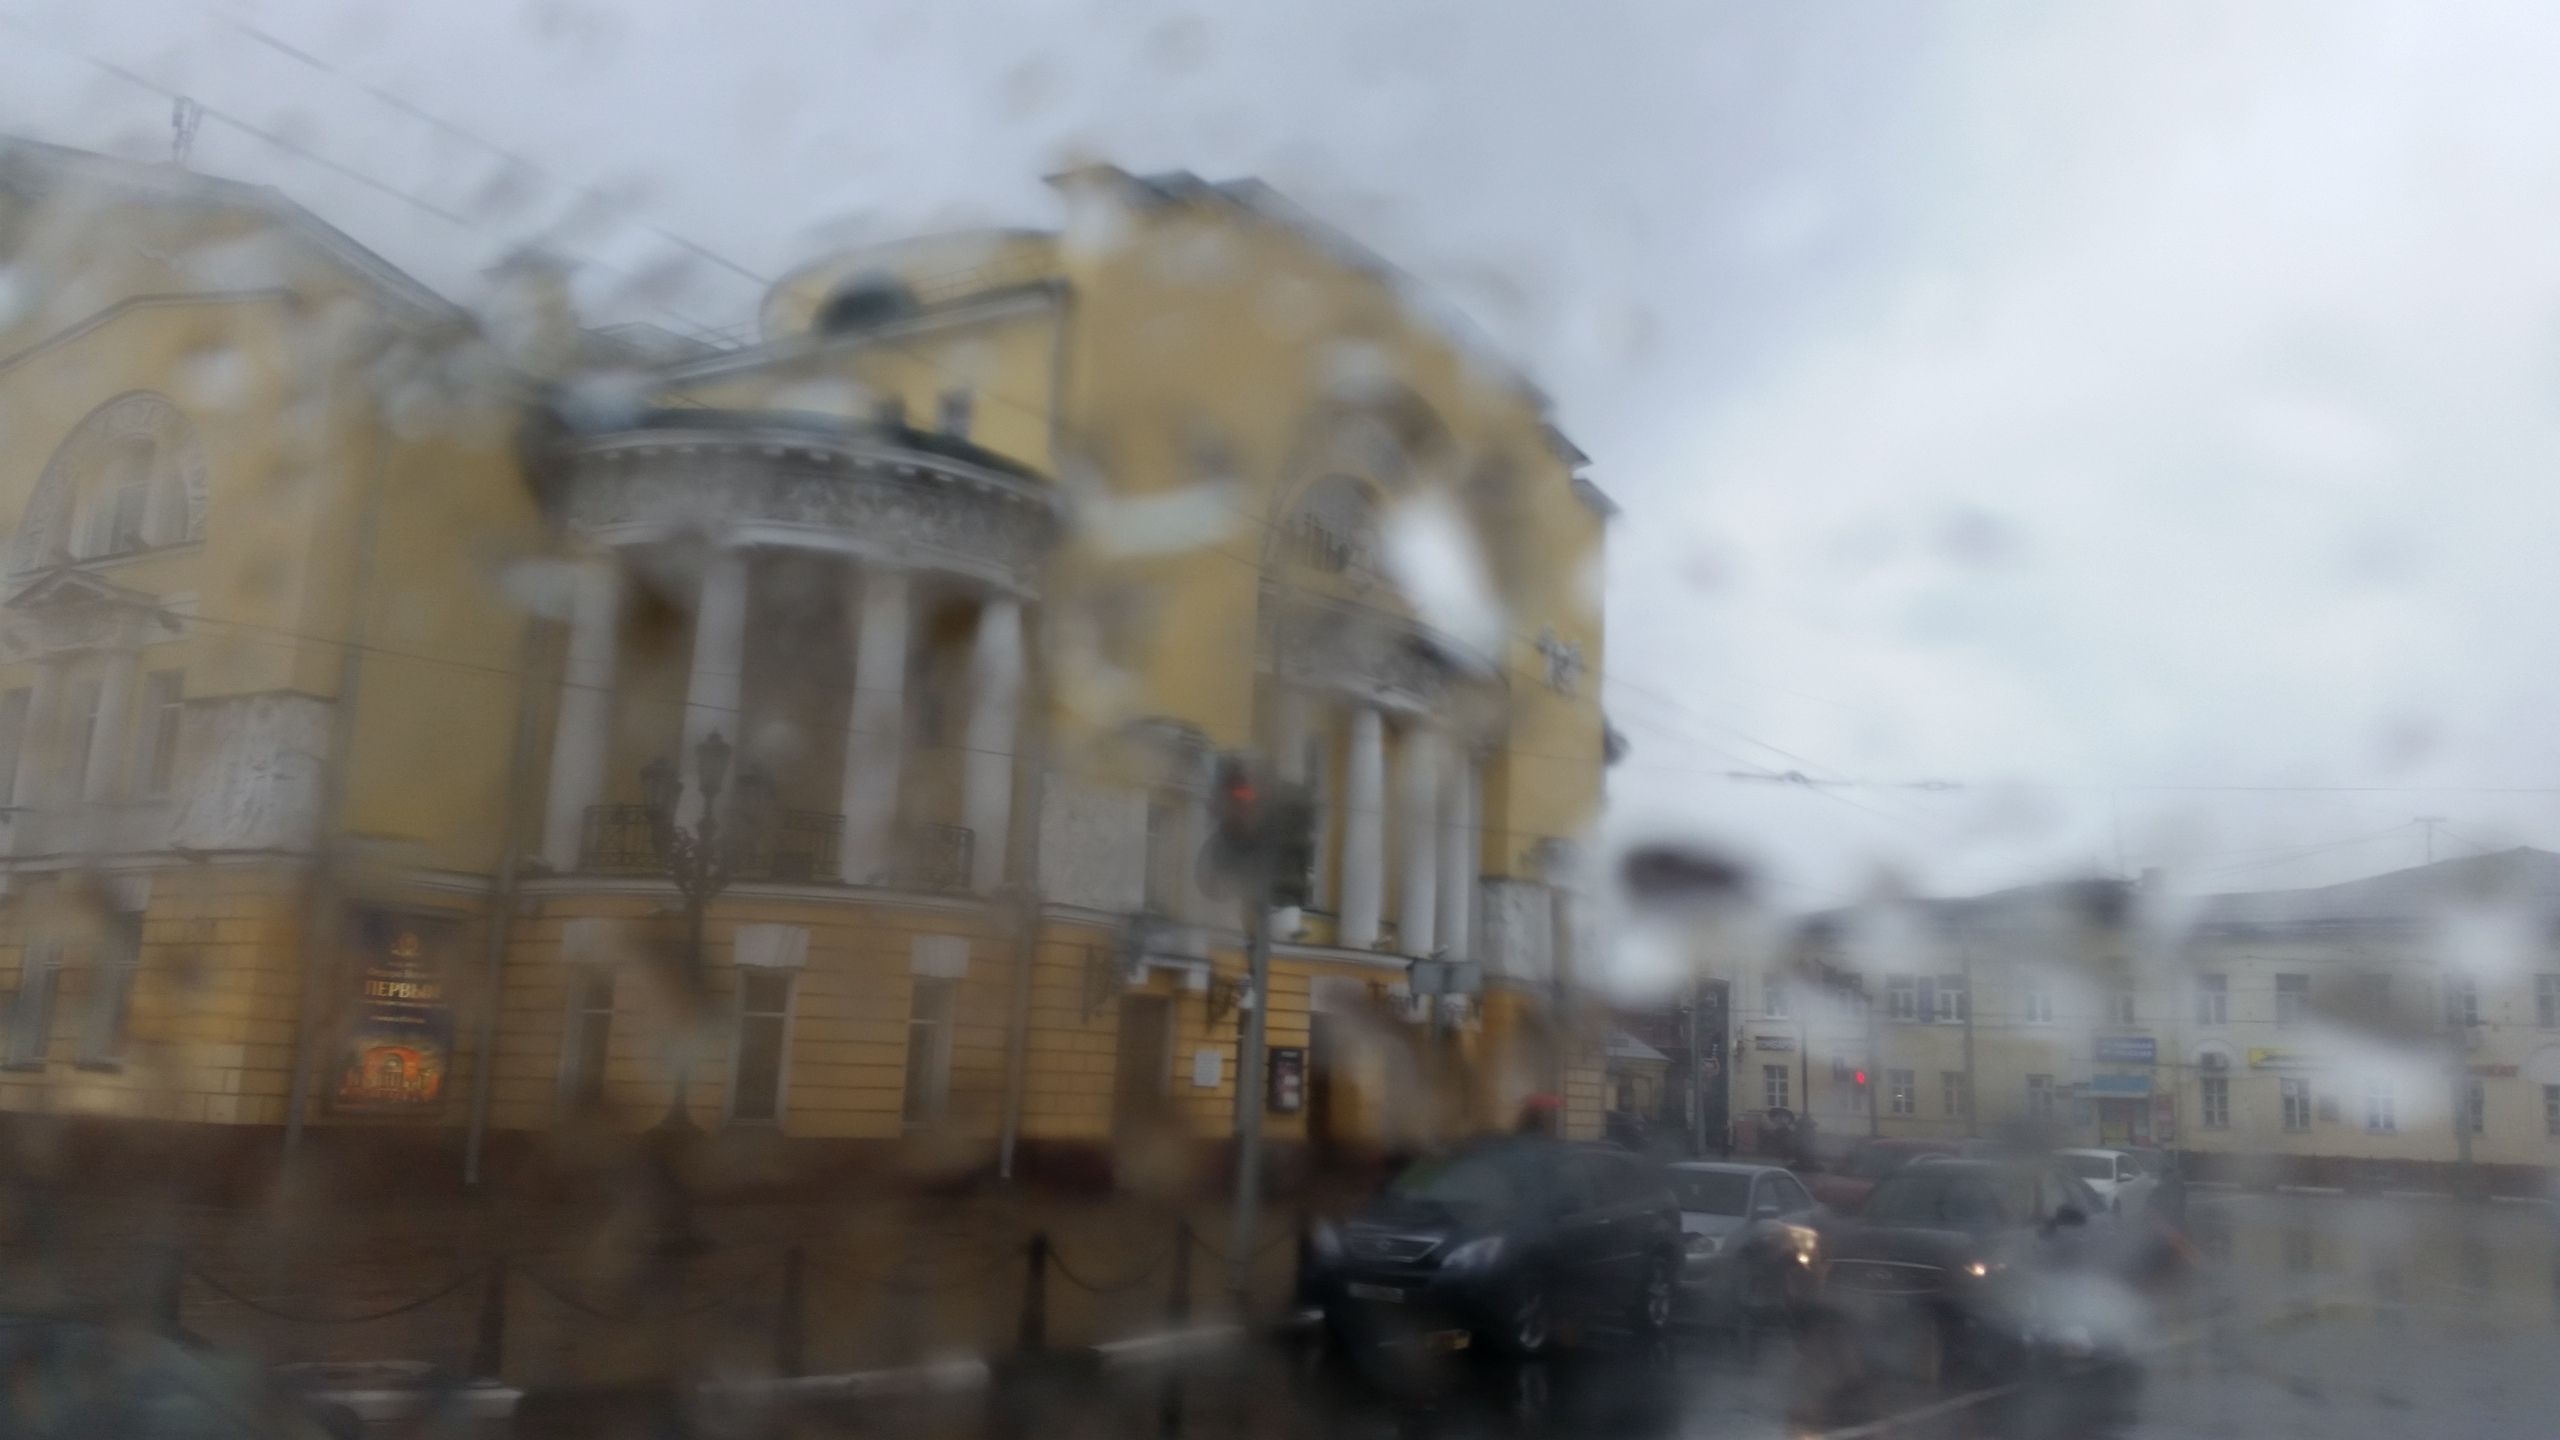 Осенние дожди и холода: на Ярославскую область надвигается длительное похолодание